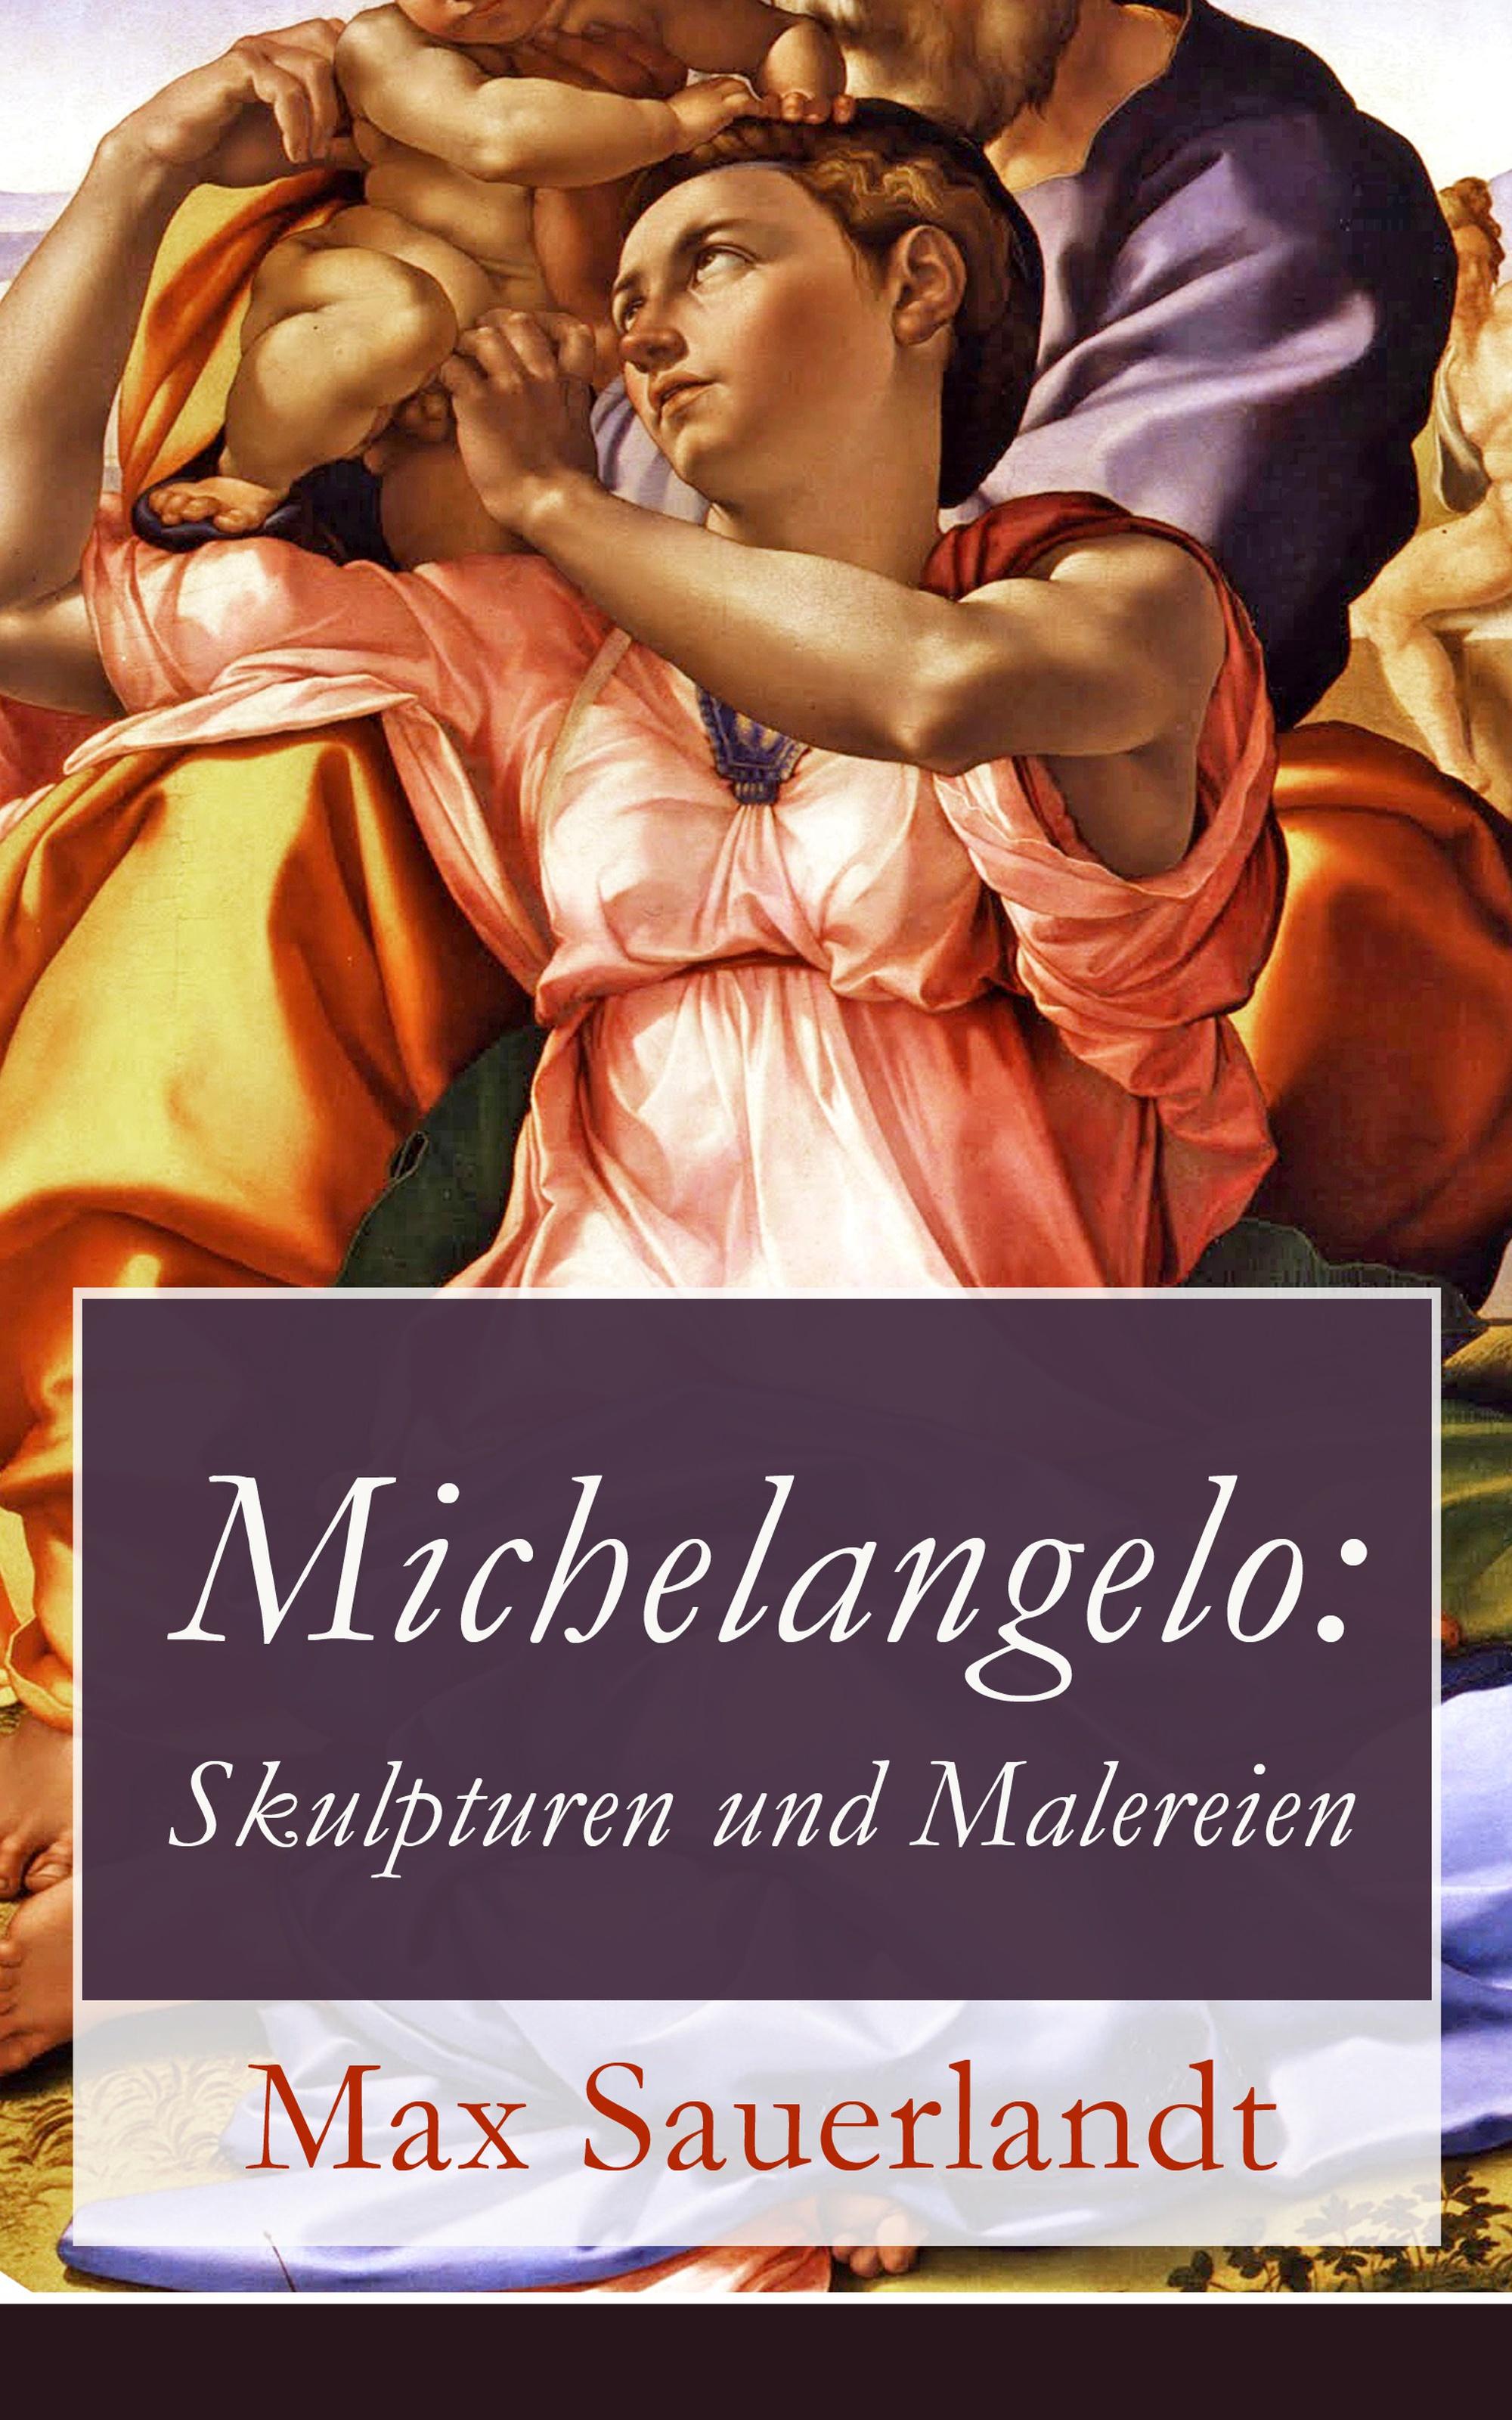 Max Sauerlandt Michelangelo: Skulpturen und Malereien